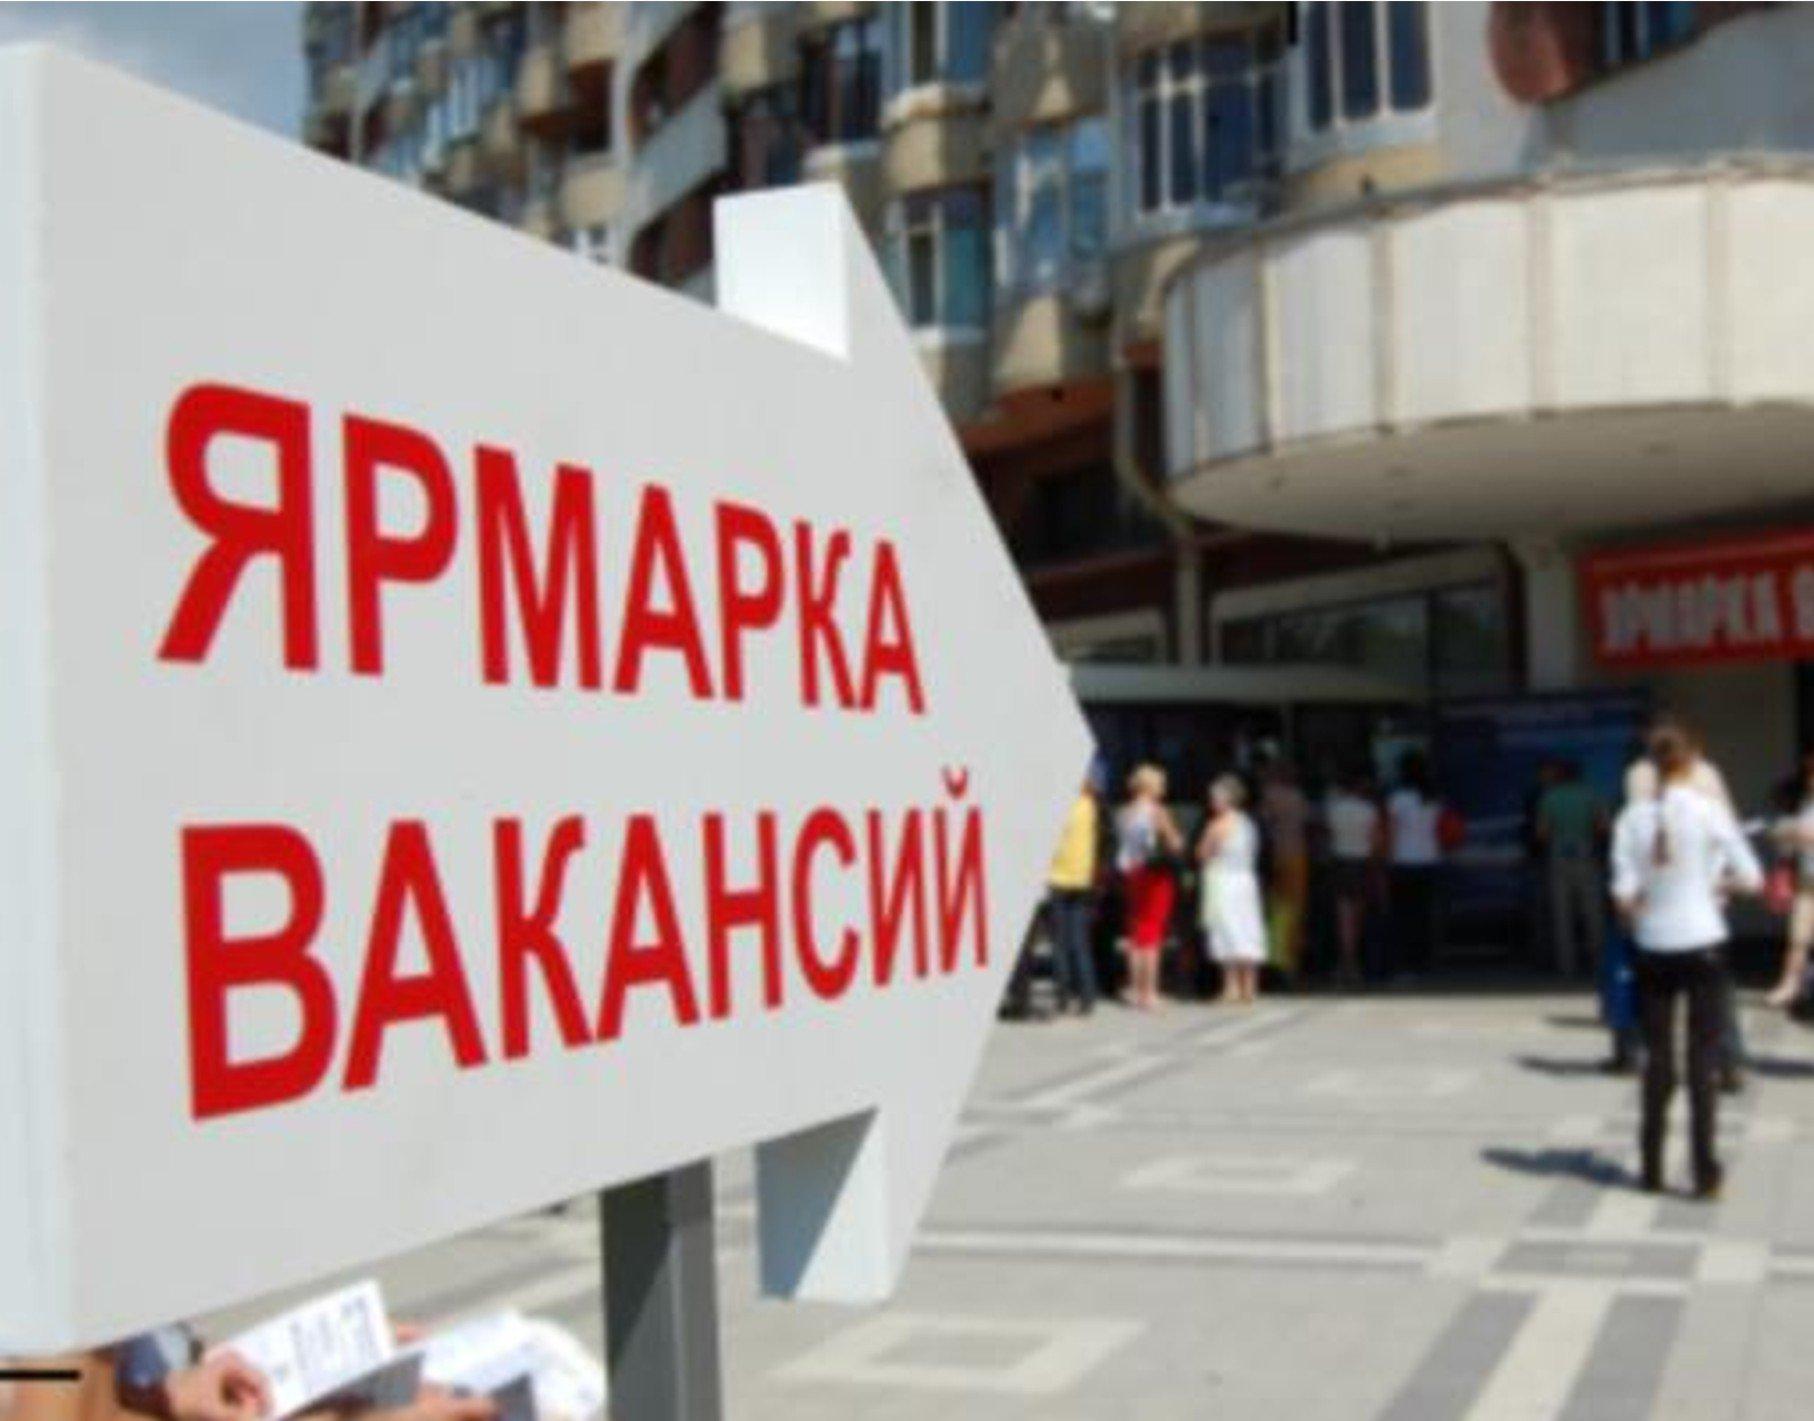 Около 20 тыс студентов ишкольников посетили ярмарку вакансий в столице России